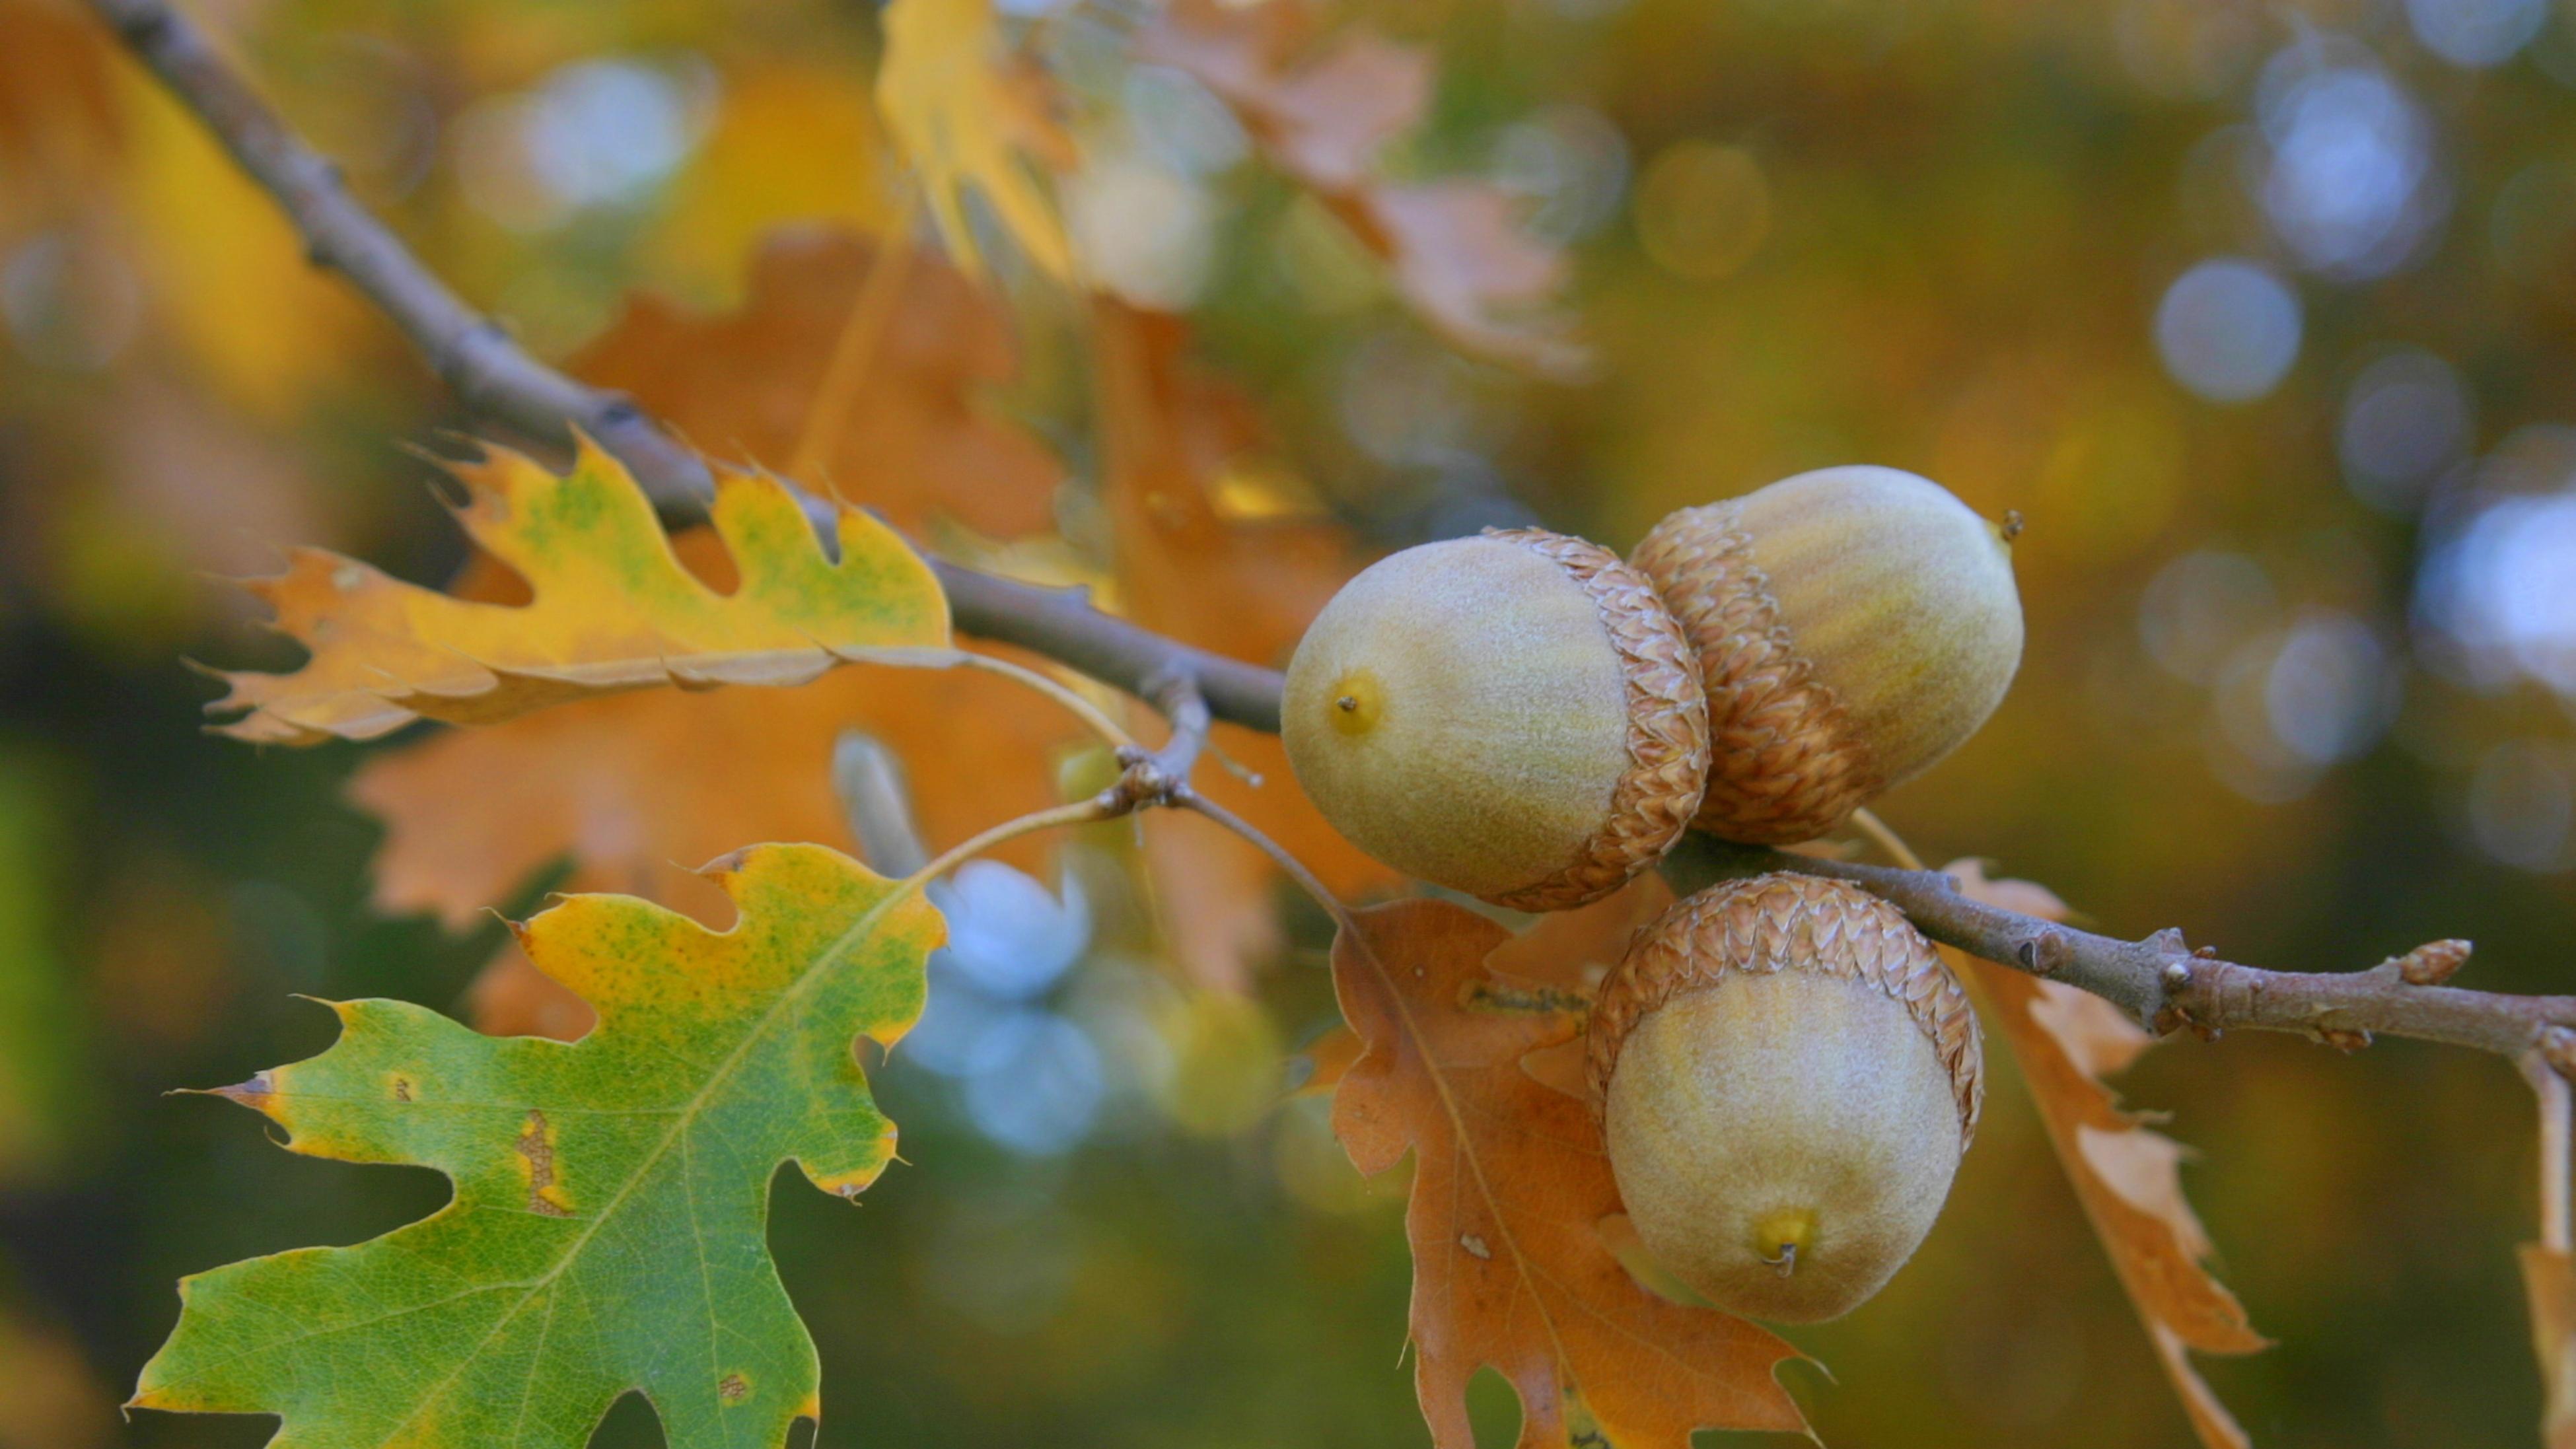 Acorns on tree with oak leaves